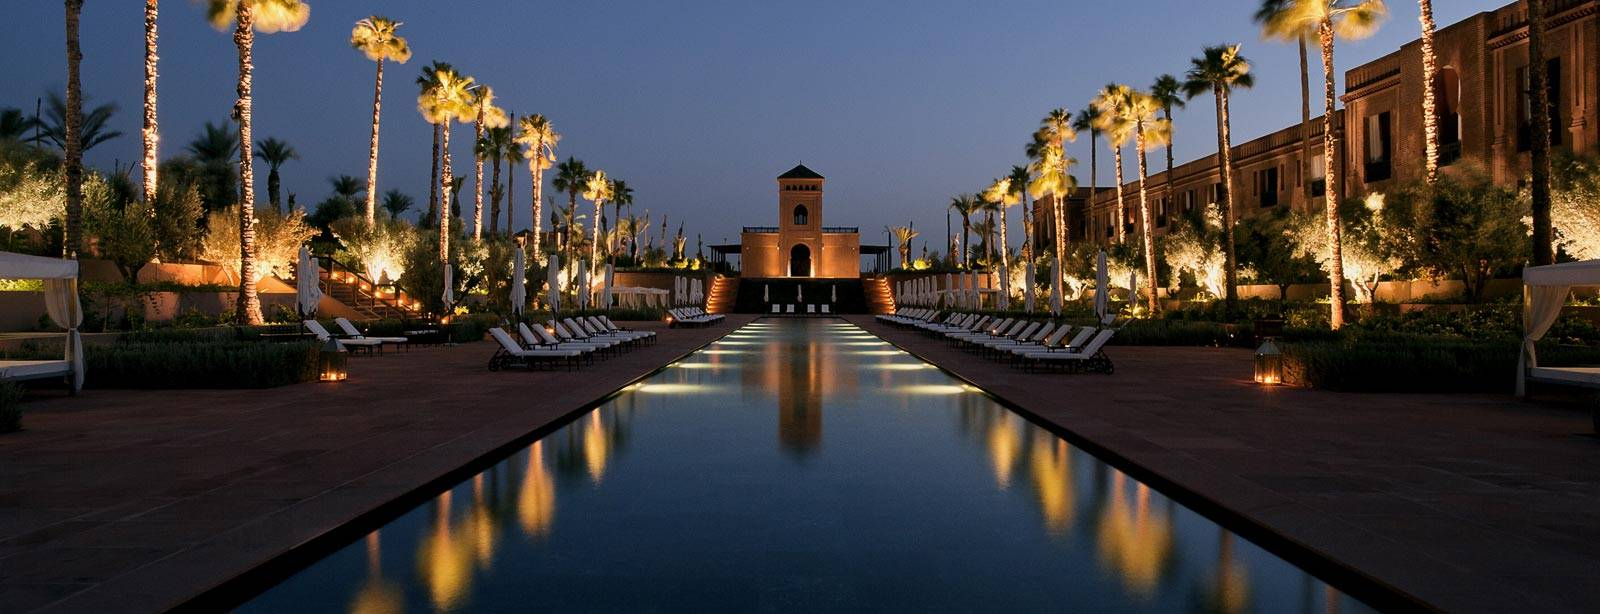 Ouverture Hotel Marrakech